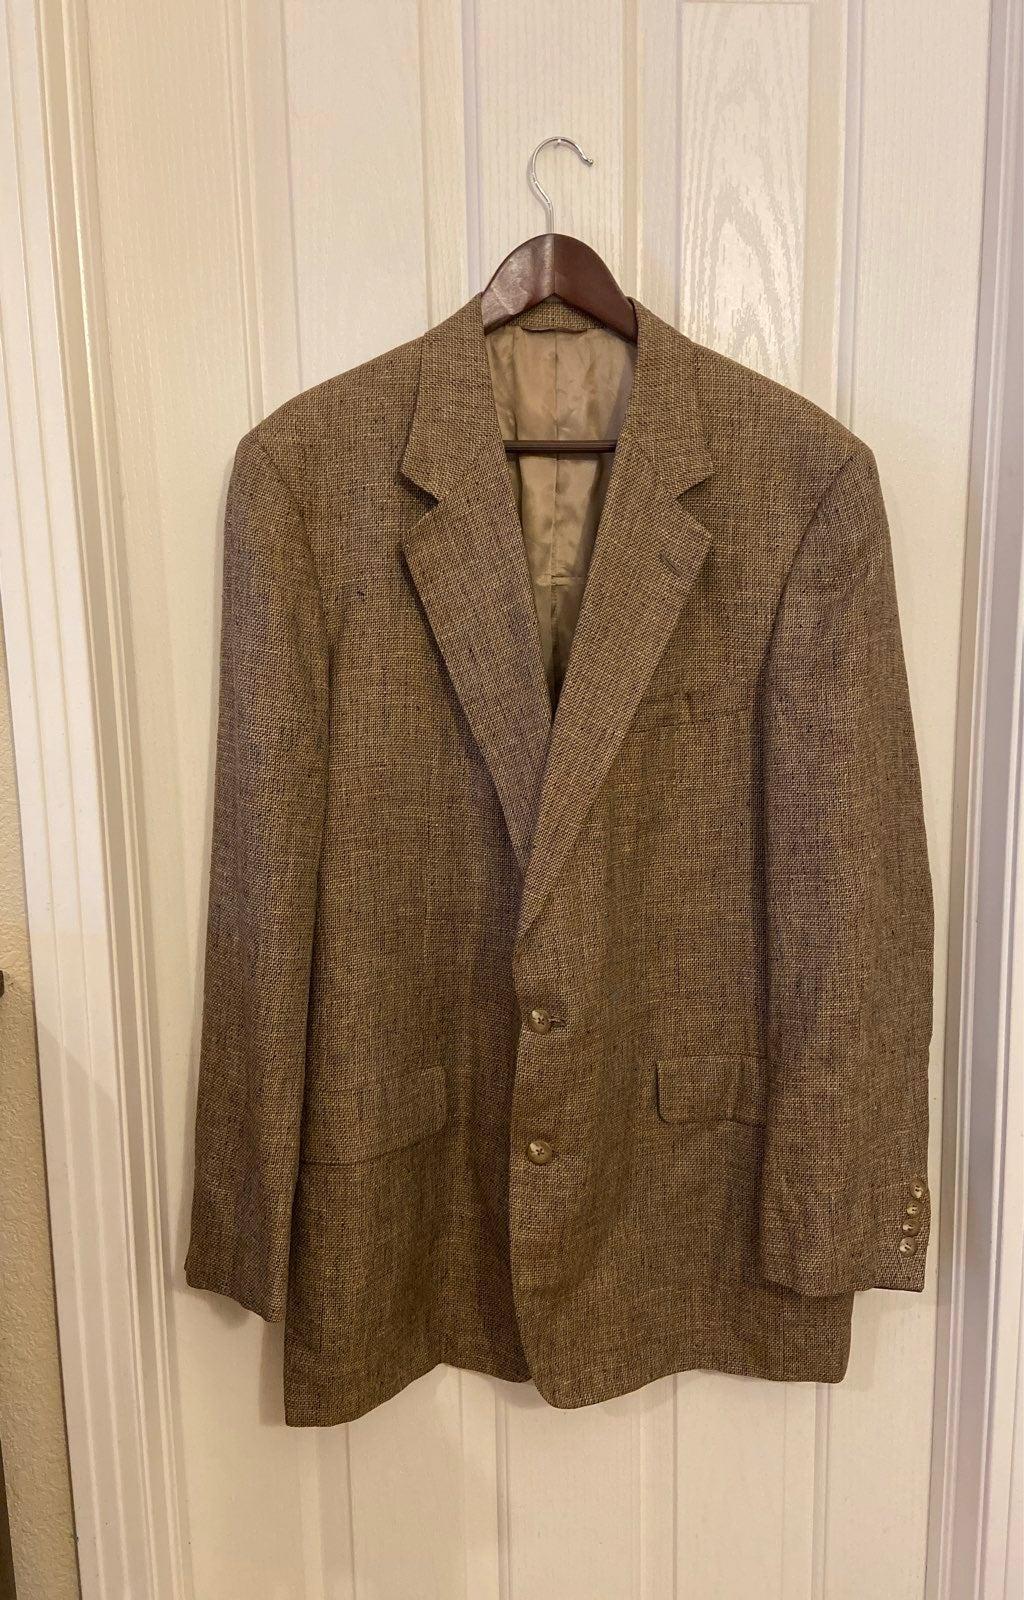 Mens Bullock & Jones Sports Jacket-46L